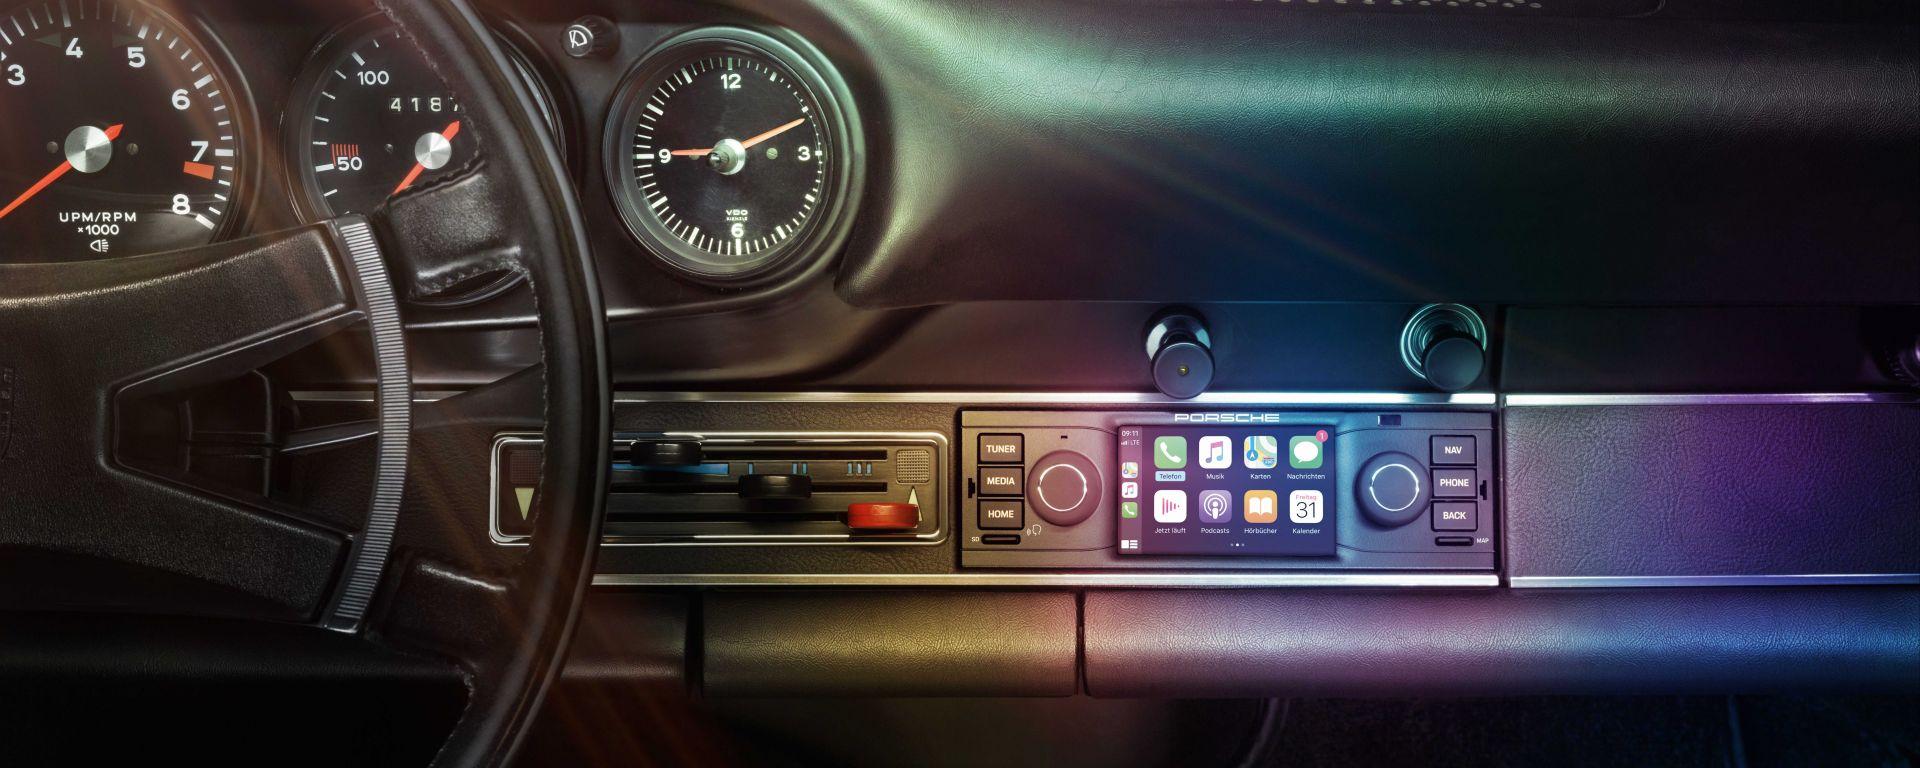 Porsche Classic Communication Management Classica, per le 911 con alloggiamento 1-DIN